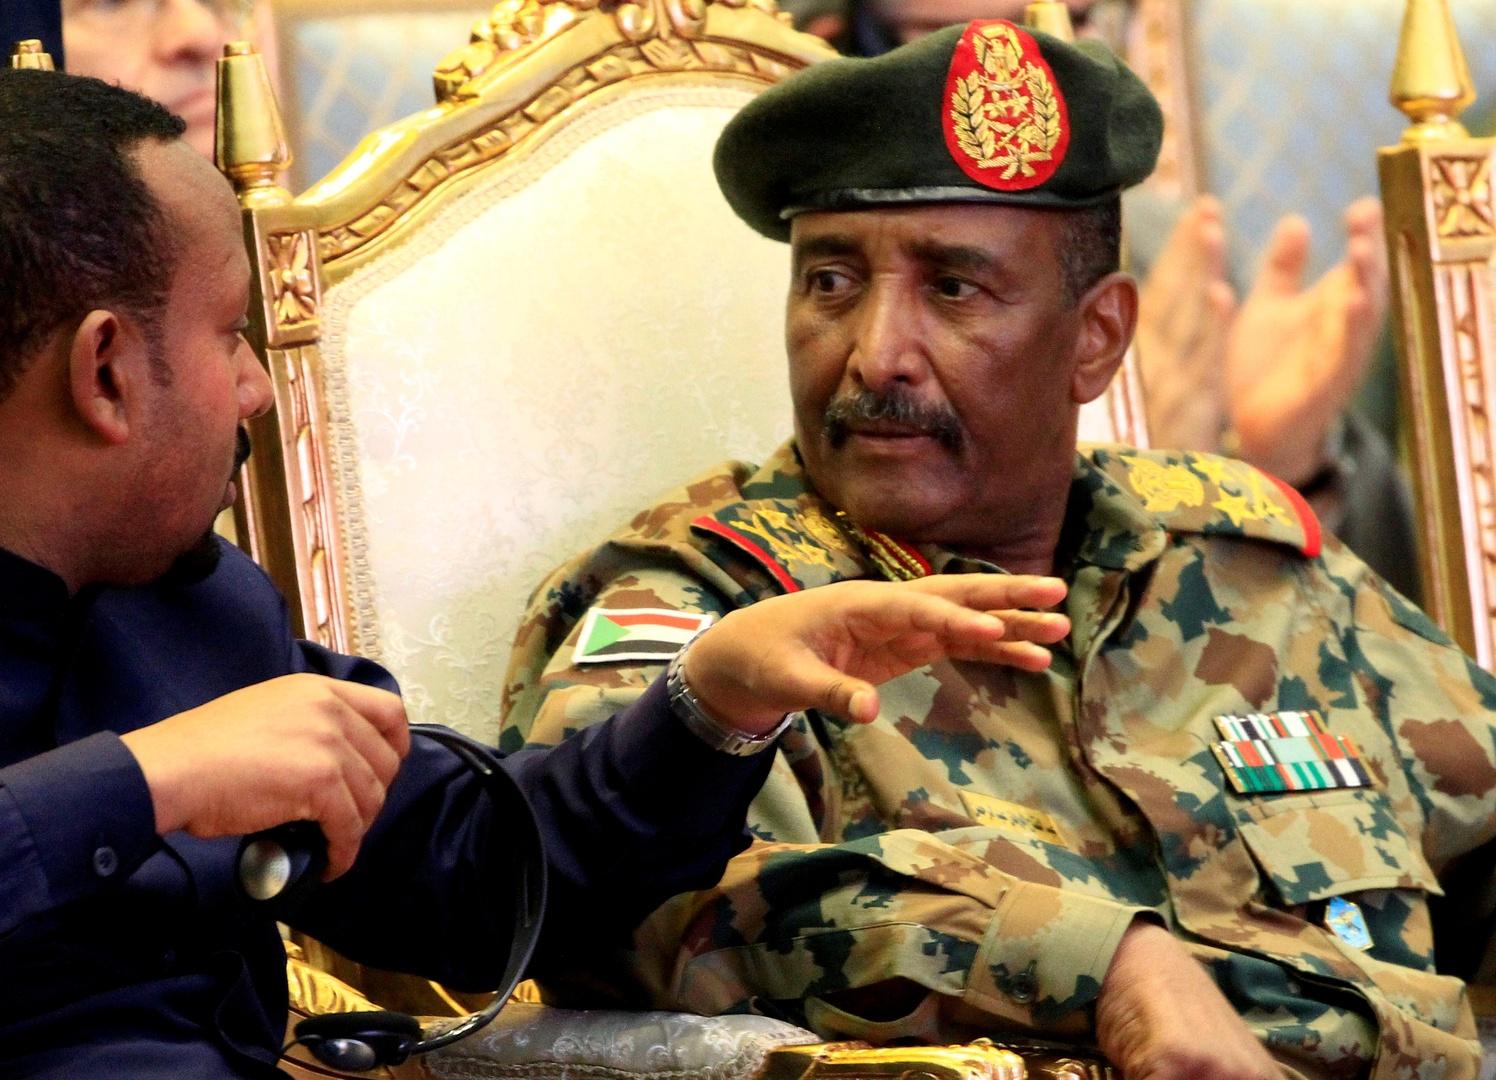 مصر ترحب ببدء إجراءات رفع اسم السودان من قائمة